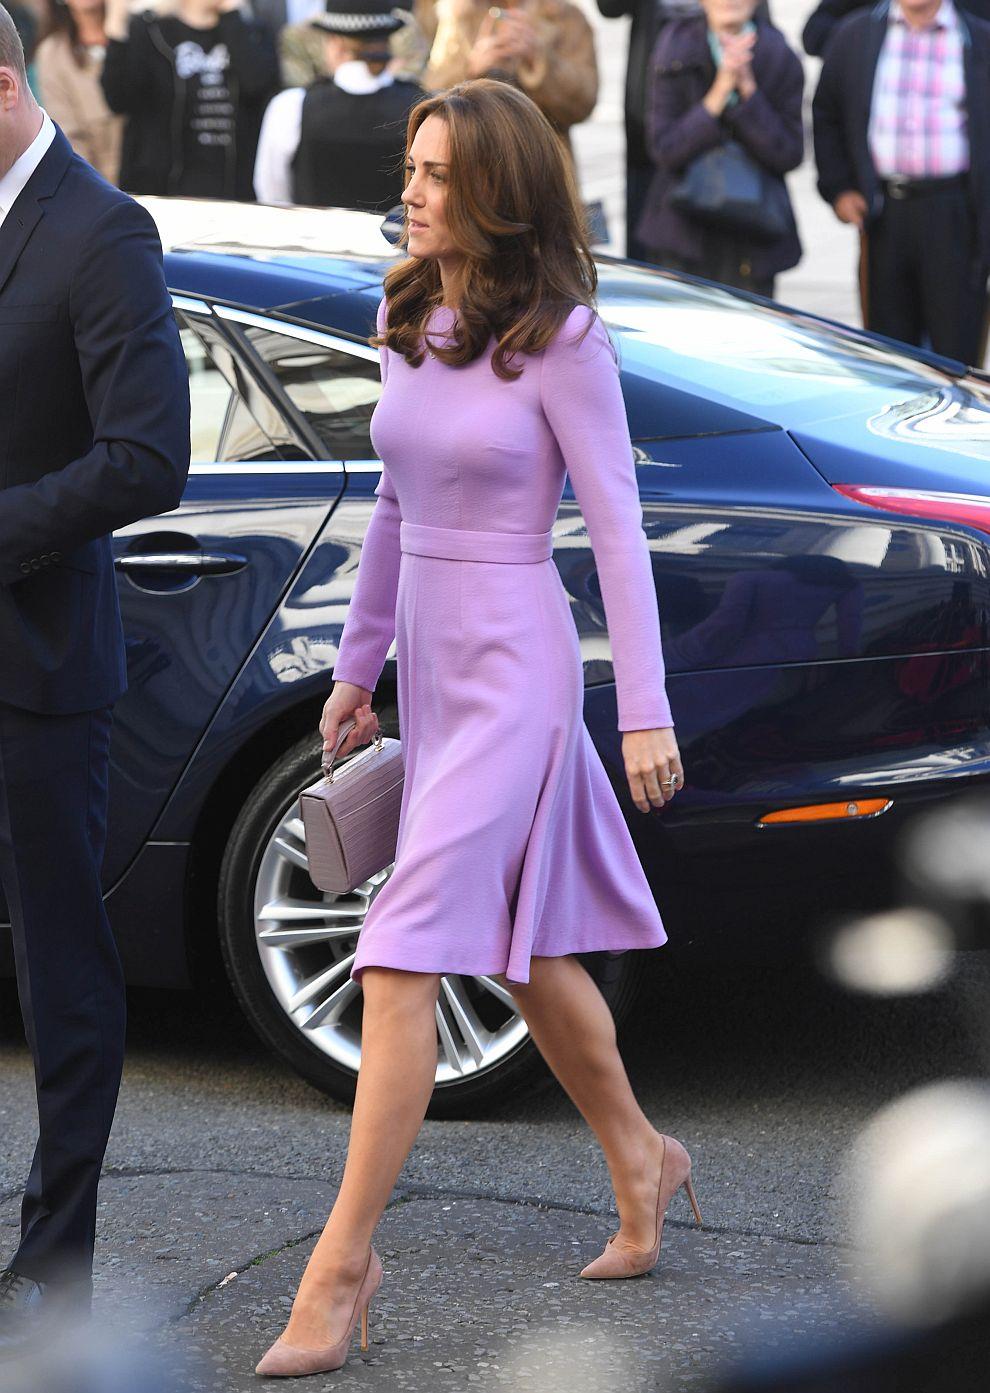 Херцогиня Катрин впечатли всички с модния си избор на благотворително събитие в Лондон. Тя бе в компанията на принц Уилям.